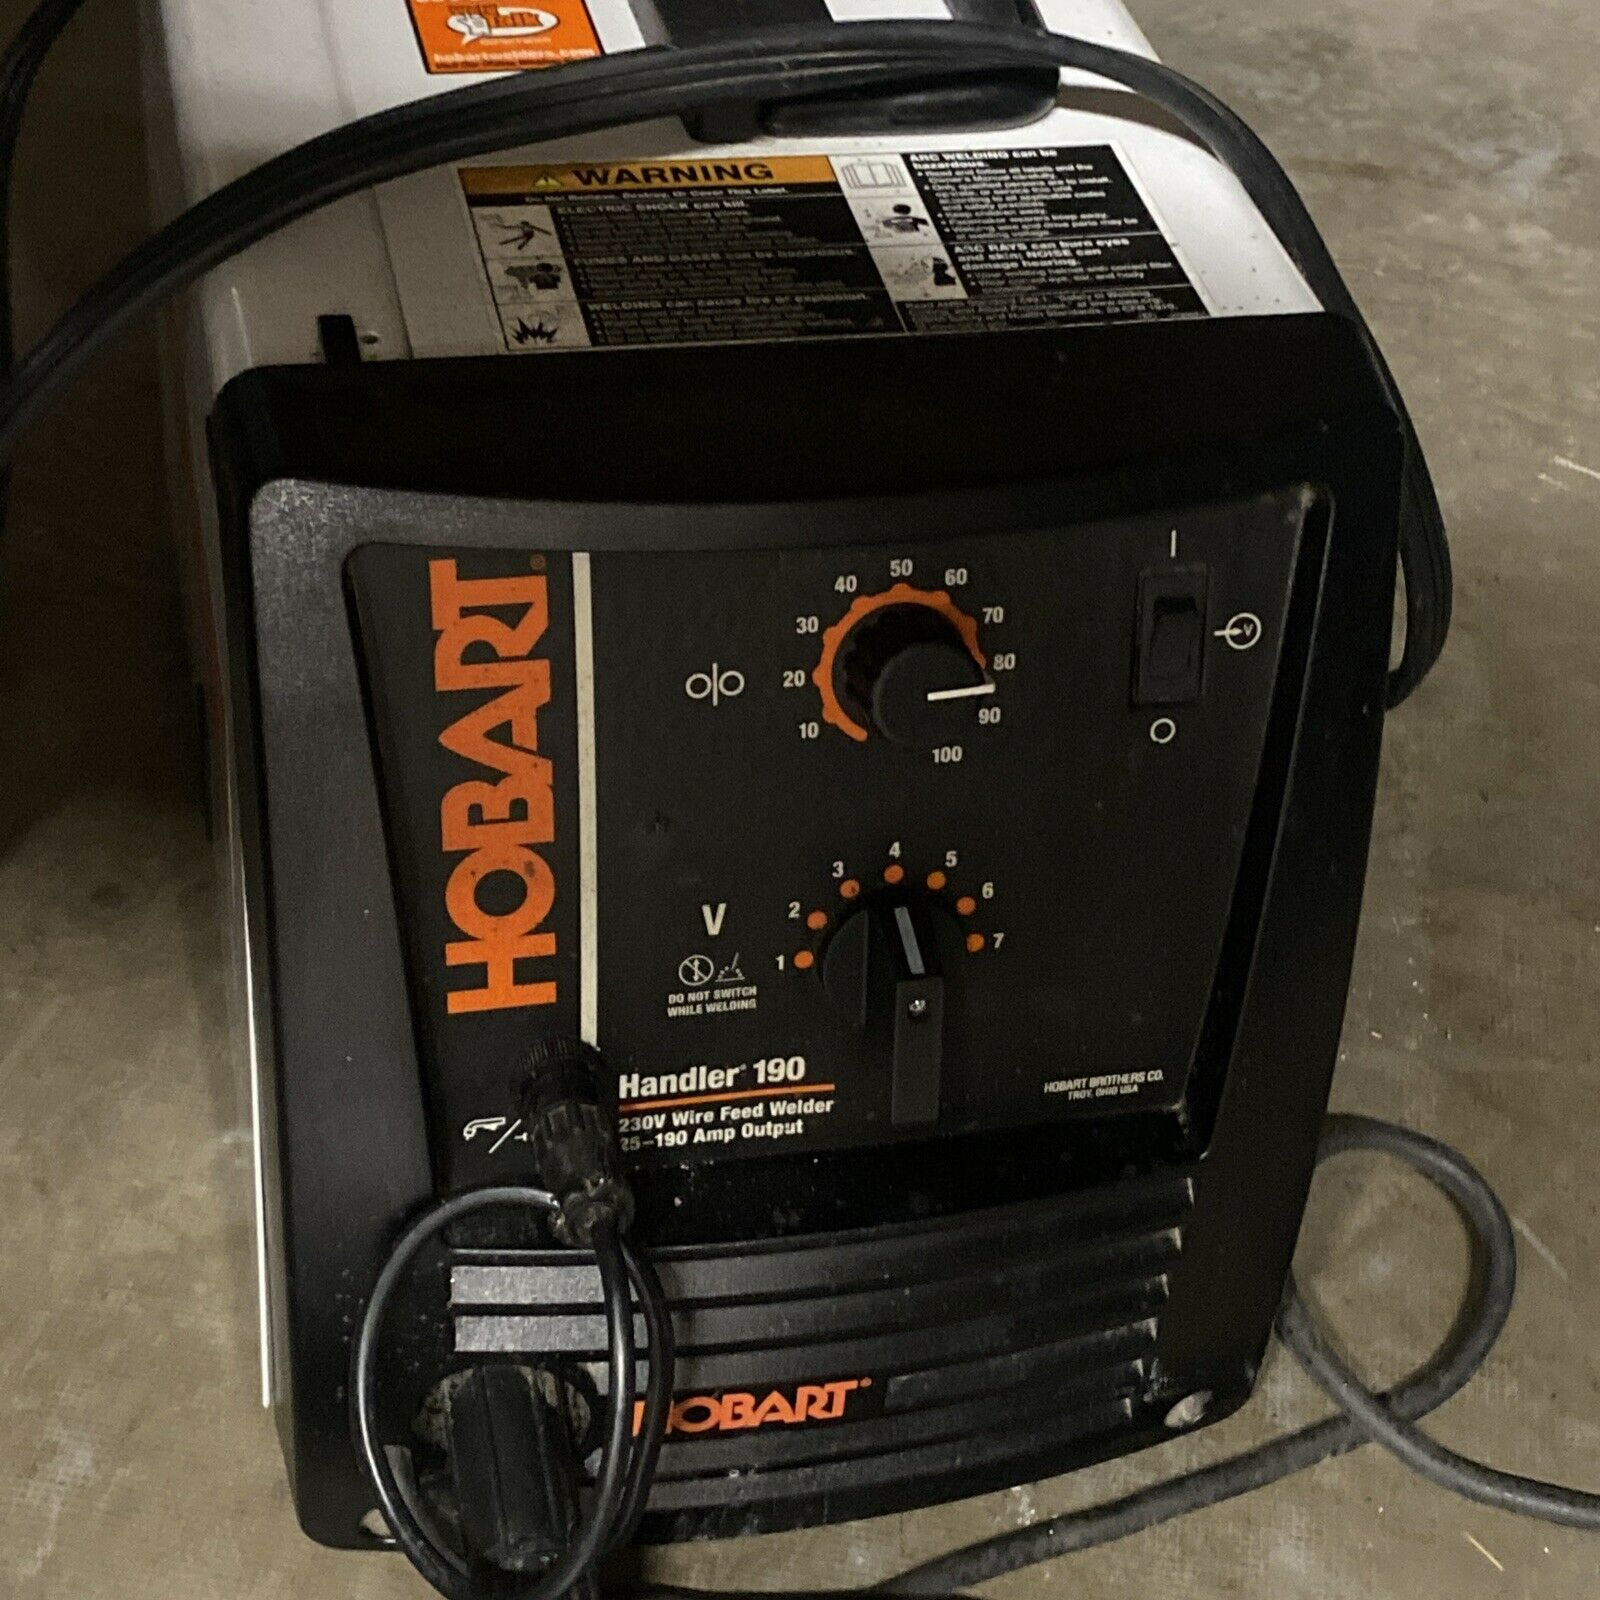 Hobart Handler 190 Flux-Core/MIG Welder w/SpoolRunner 100 10ft Spool Gun. Available Now for 580.00